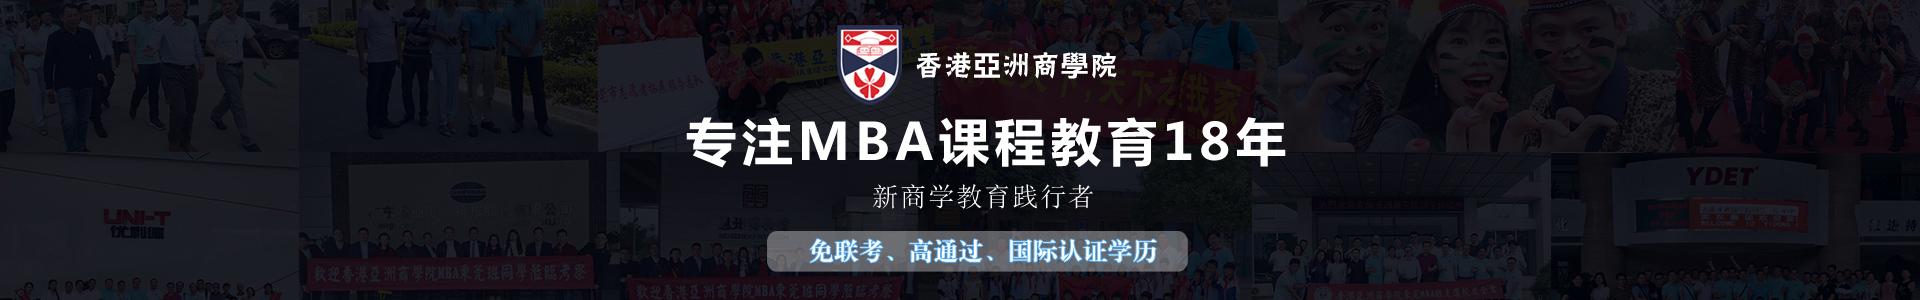 广州亚商学院MBA培训